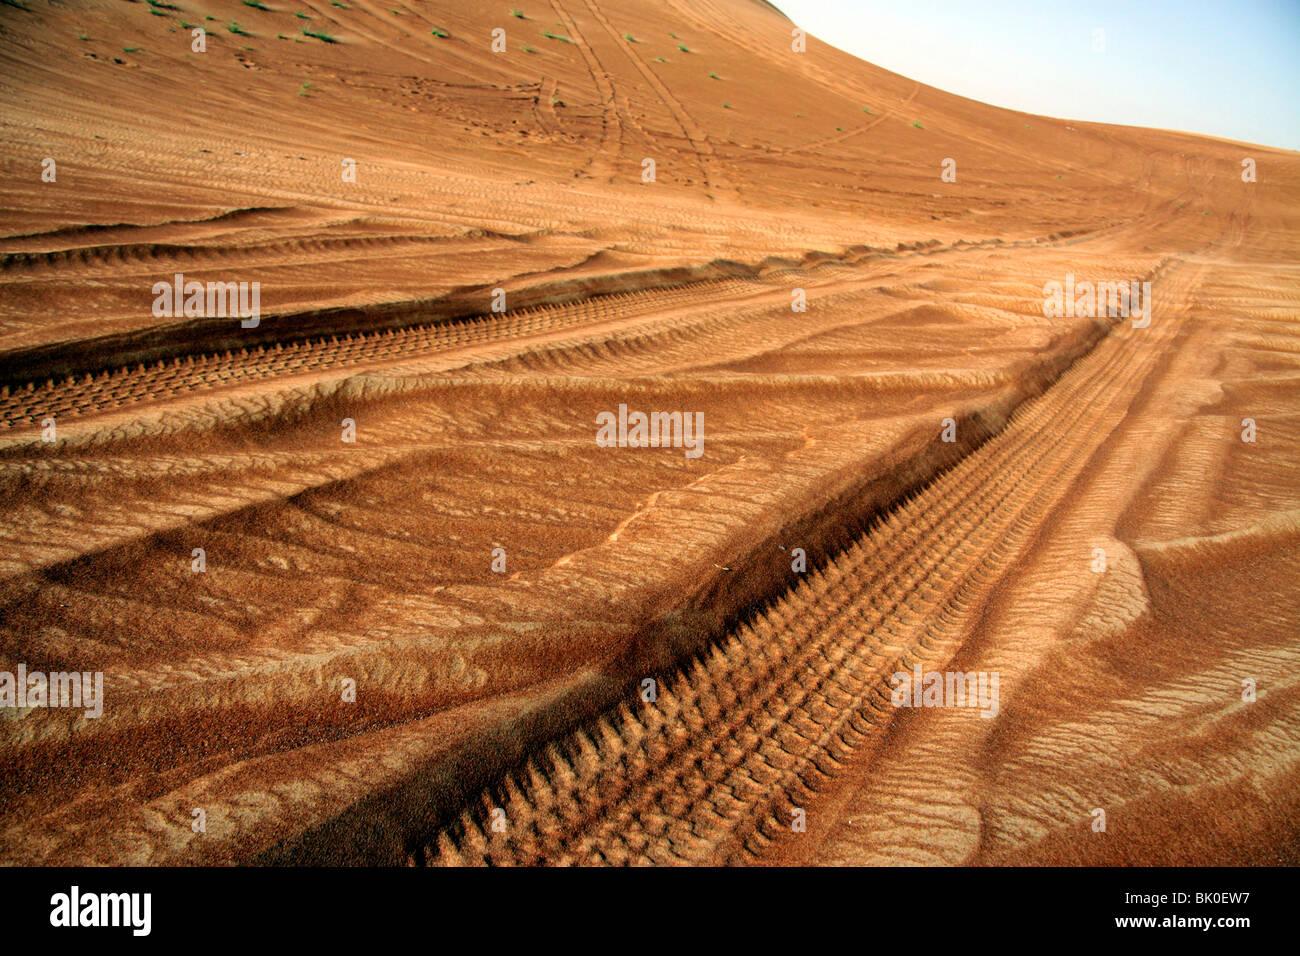 Tyre tracks in the desert in Dubai - Stock Image